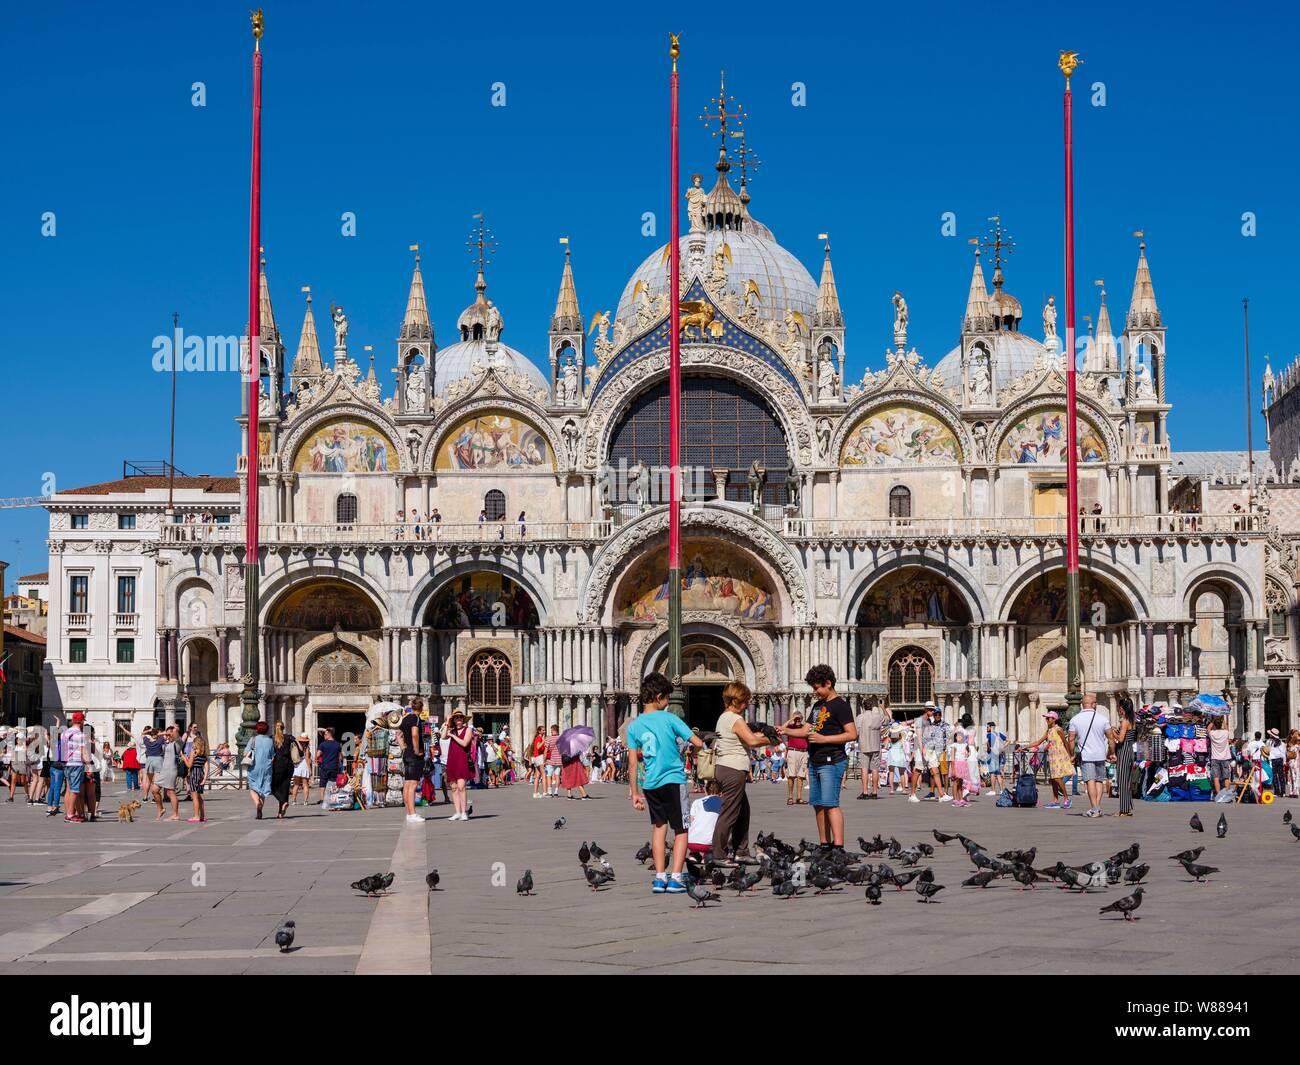 Basílica de San Marcos en la Plaza de San Marcos, llena de turistas, San Marco, Venecia, Véneto, Italia Foto de stock